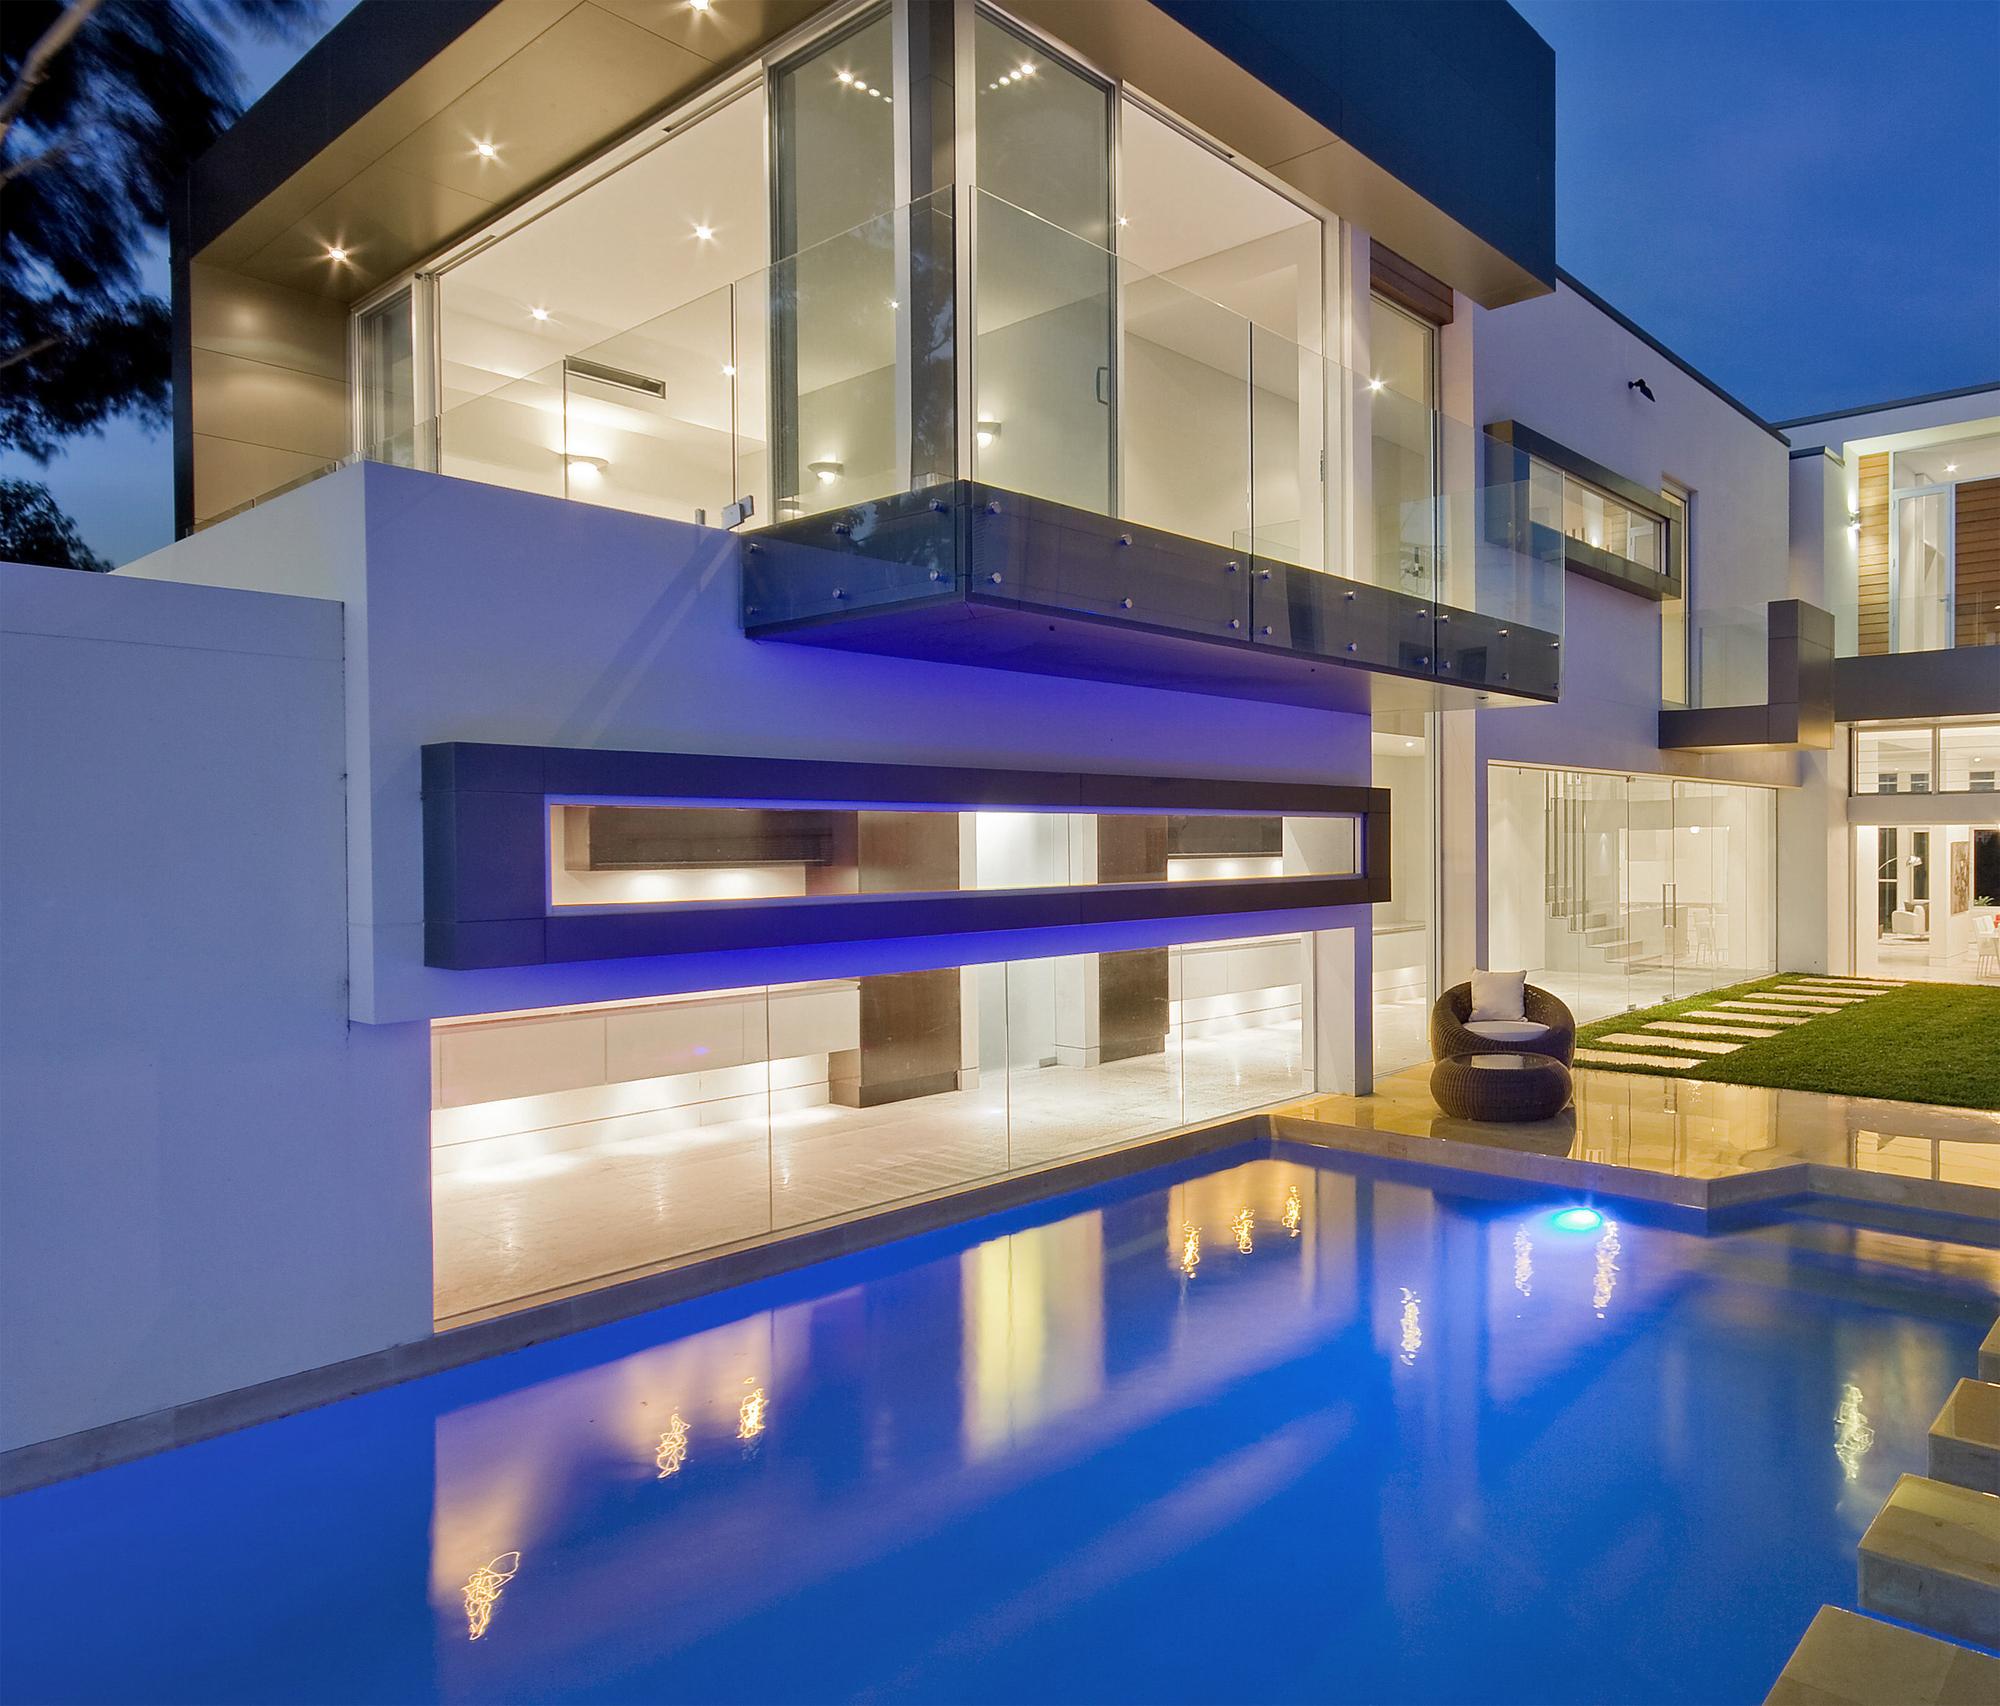 Gallery of Kangaroo Point House DMJ Design Studio 6